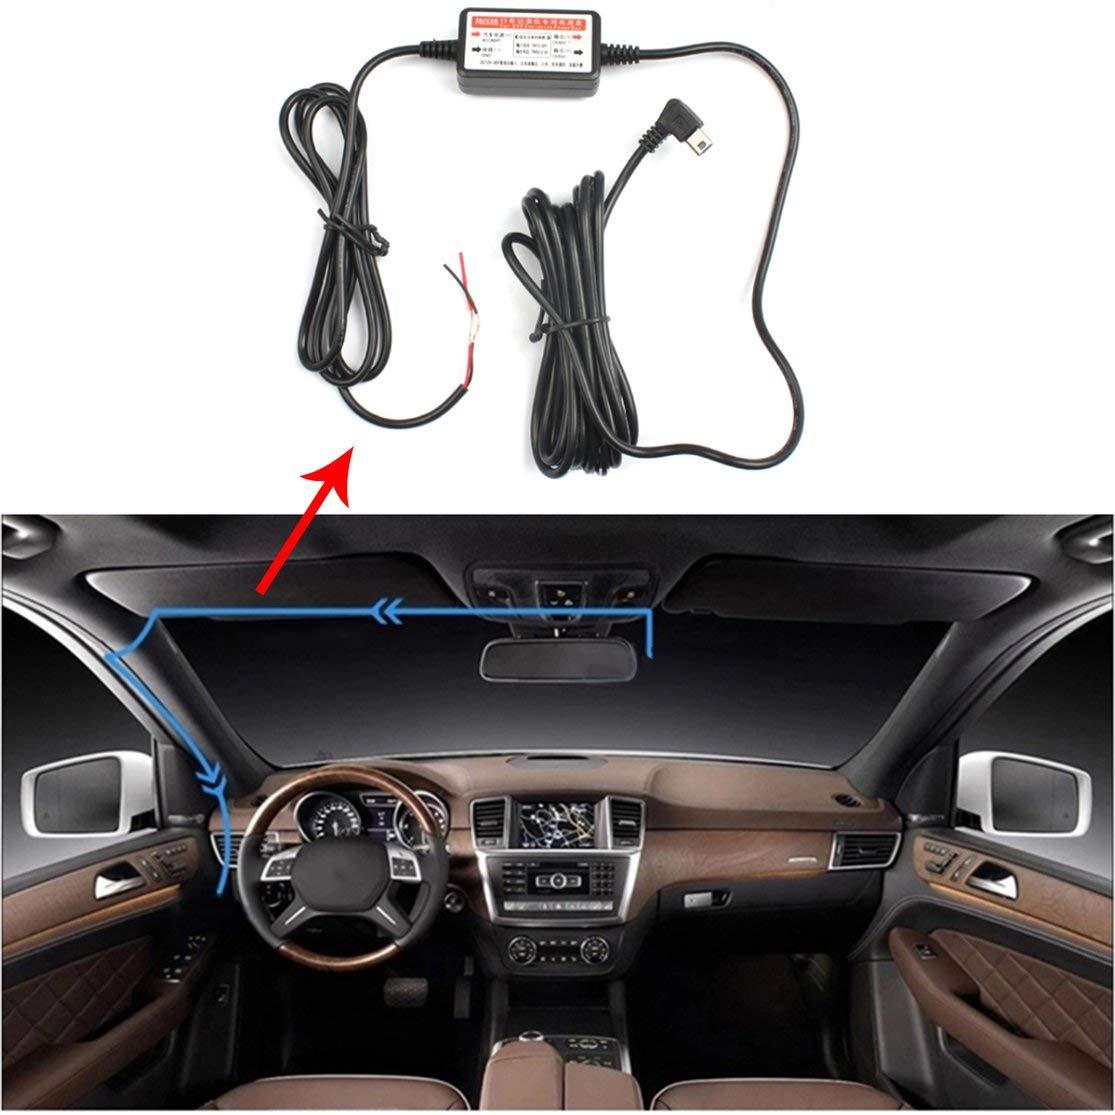 Scatola di Alimentazione per DVR Nero in plastica per Auto Dedicato Caricatore per registratore di Dati di Viaggio 12 v 24 V a 5 v Modulo Step-Down